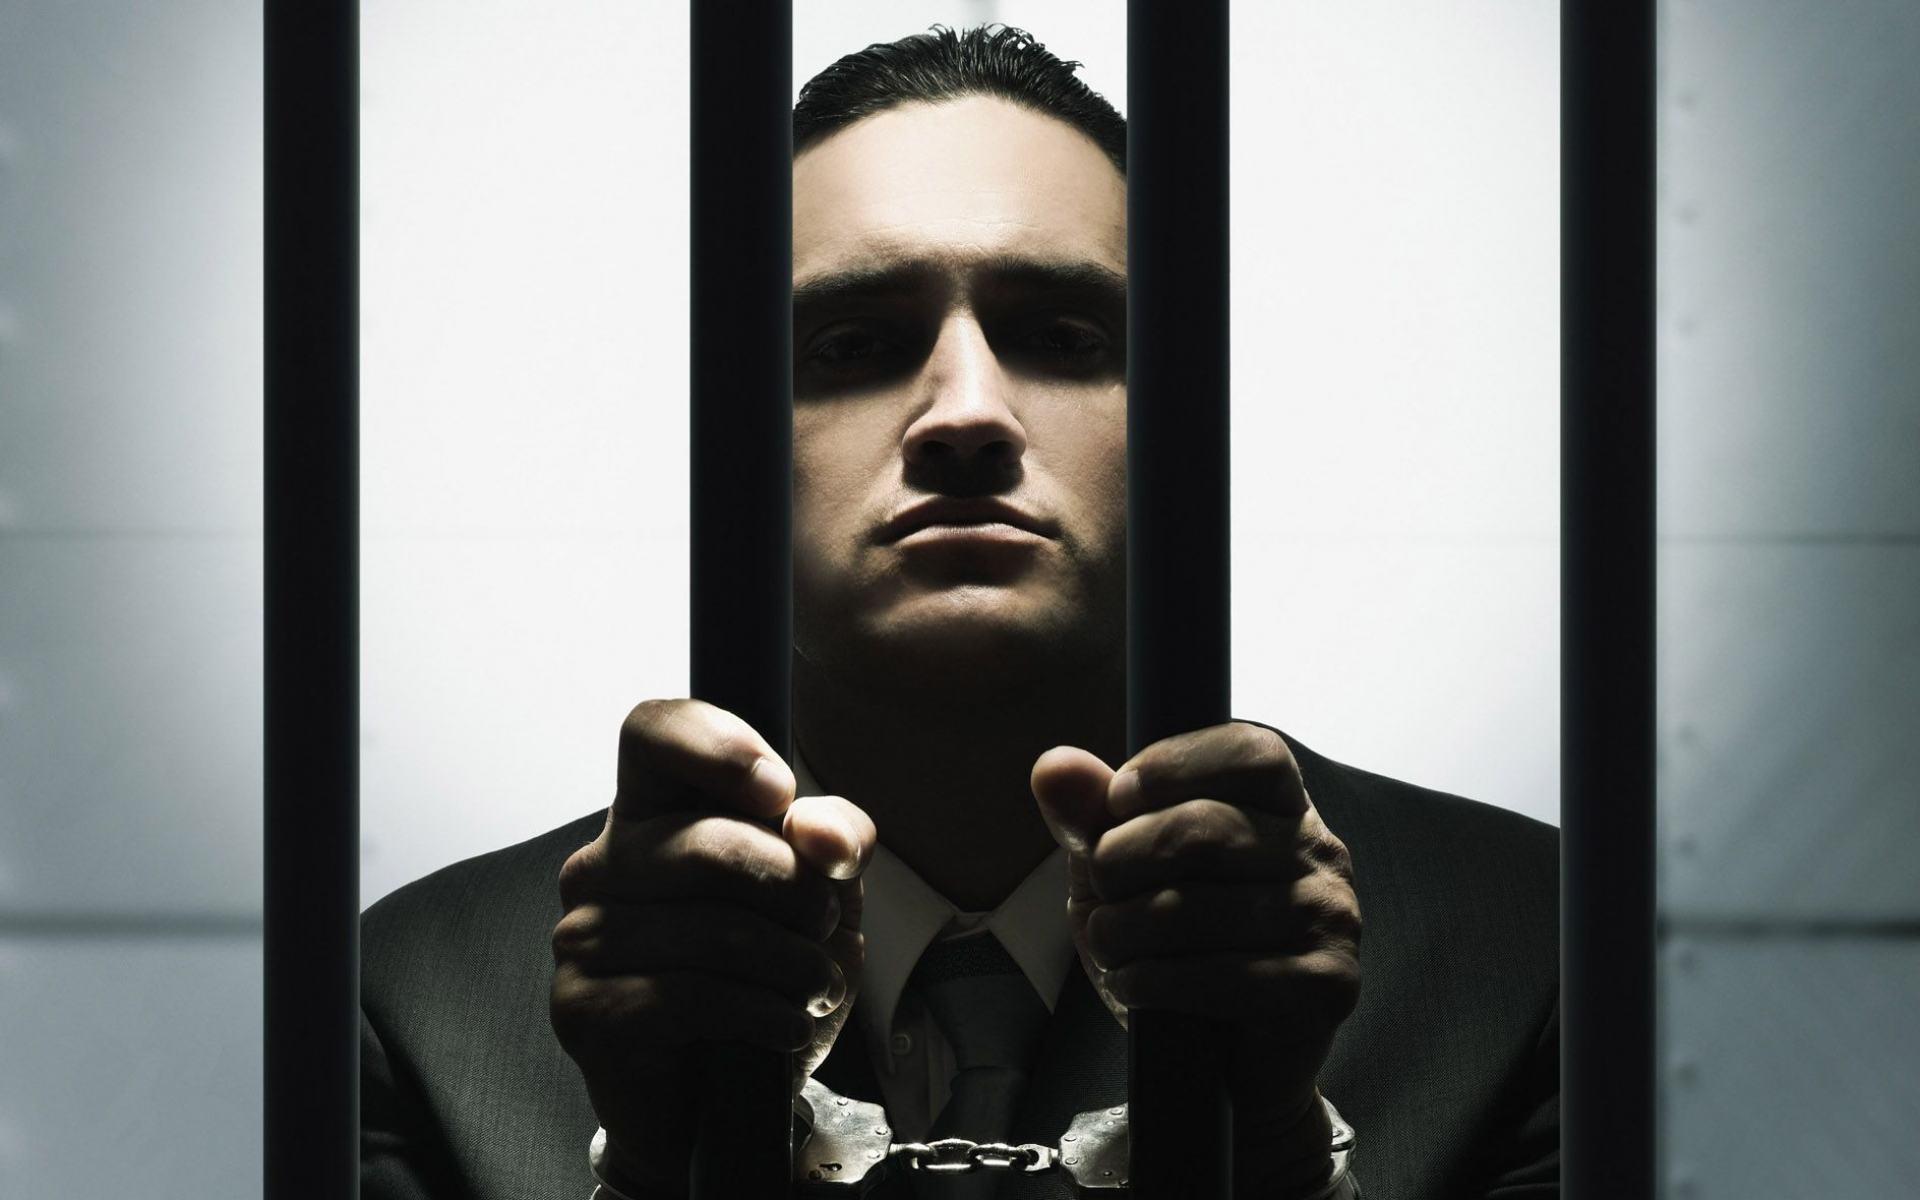 Муж сидит в тюрьме. как с ним развестись, если принято такое решение?